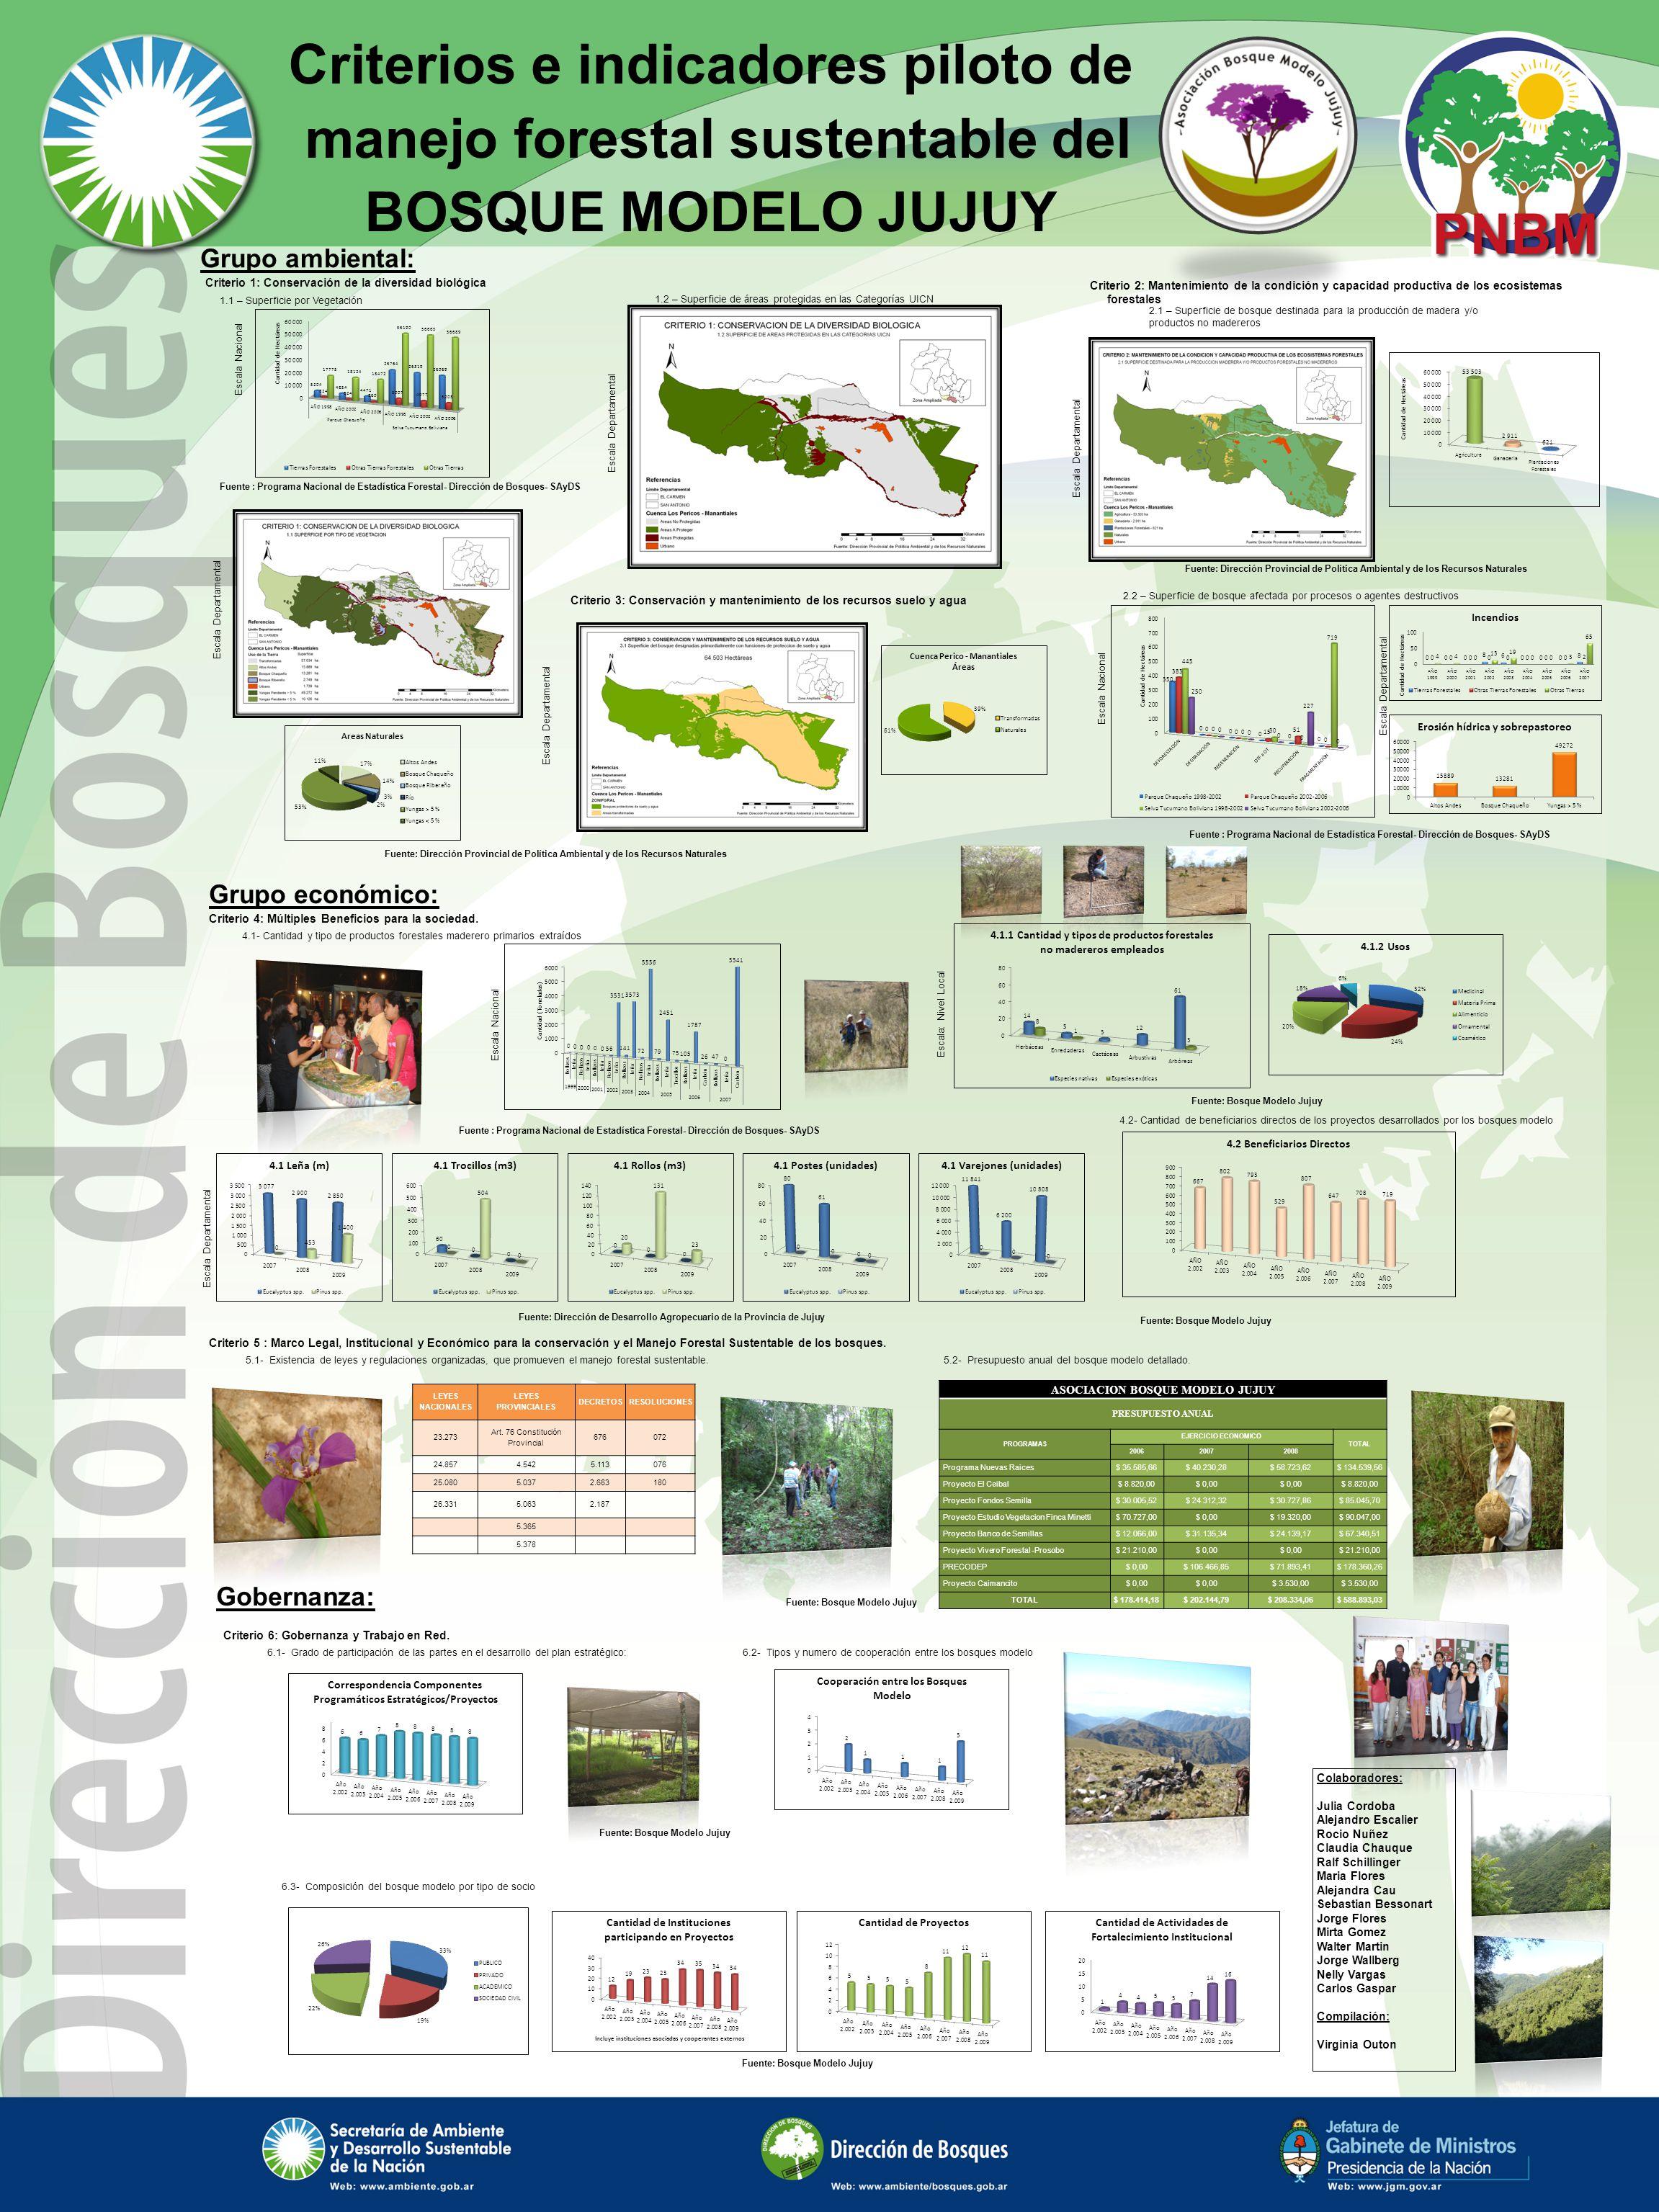 Criterios e indicadores piloto de manejo forestal sustentable del BOSQUE MODELO JUJUY Grupo ambiental: Grupo económico: Gobernanza: 4.1- Cantidad y ti